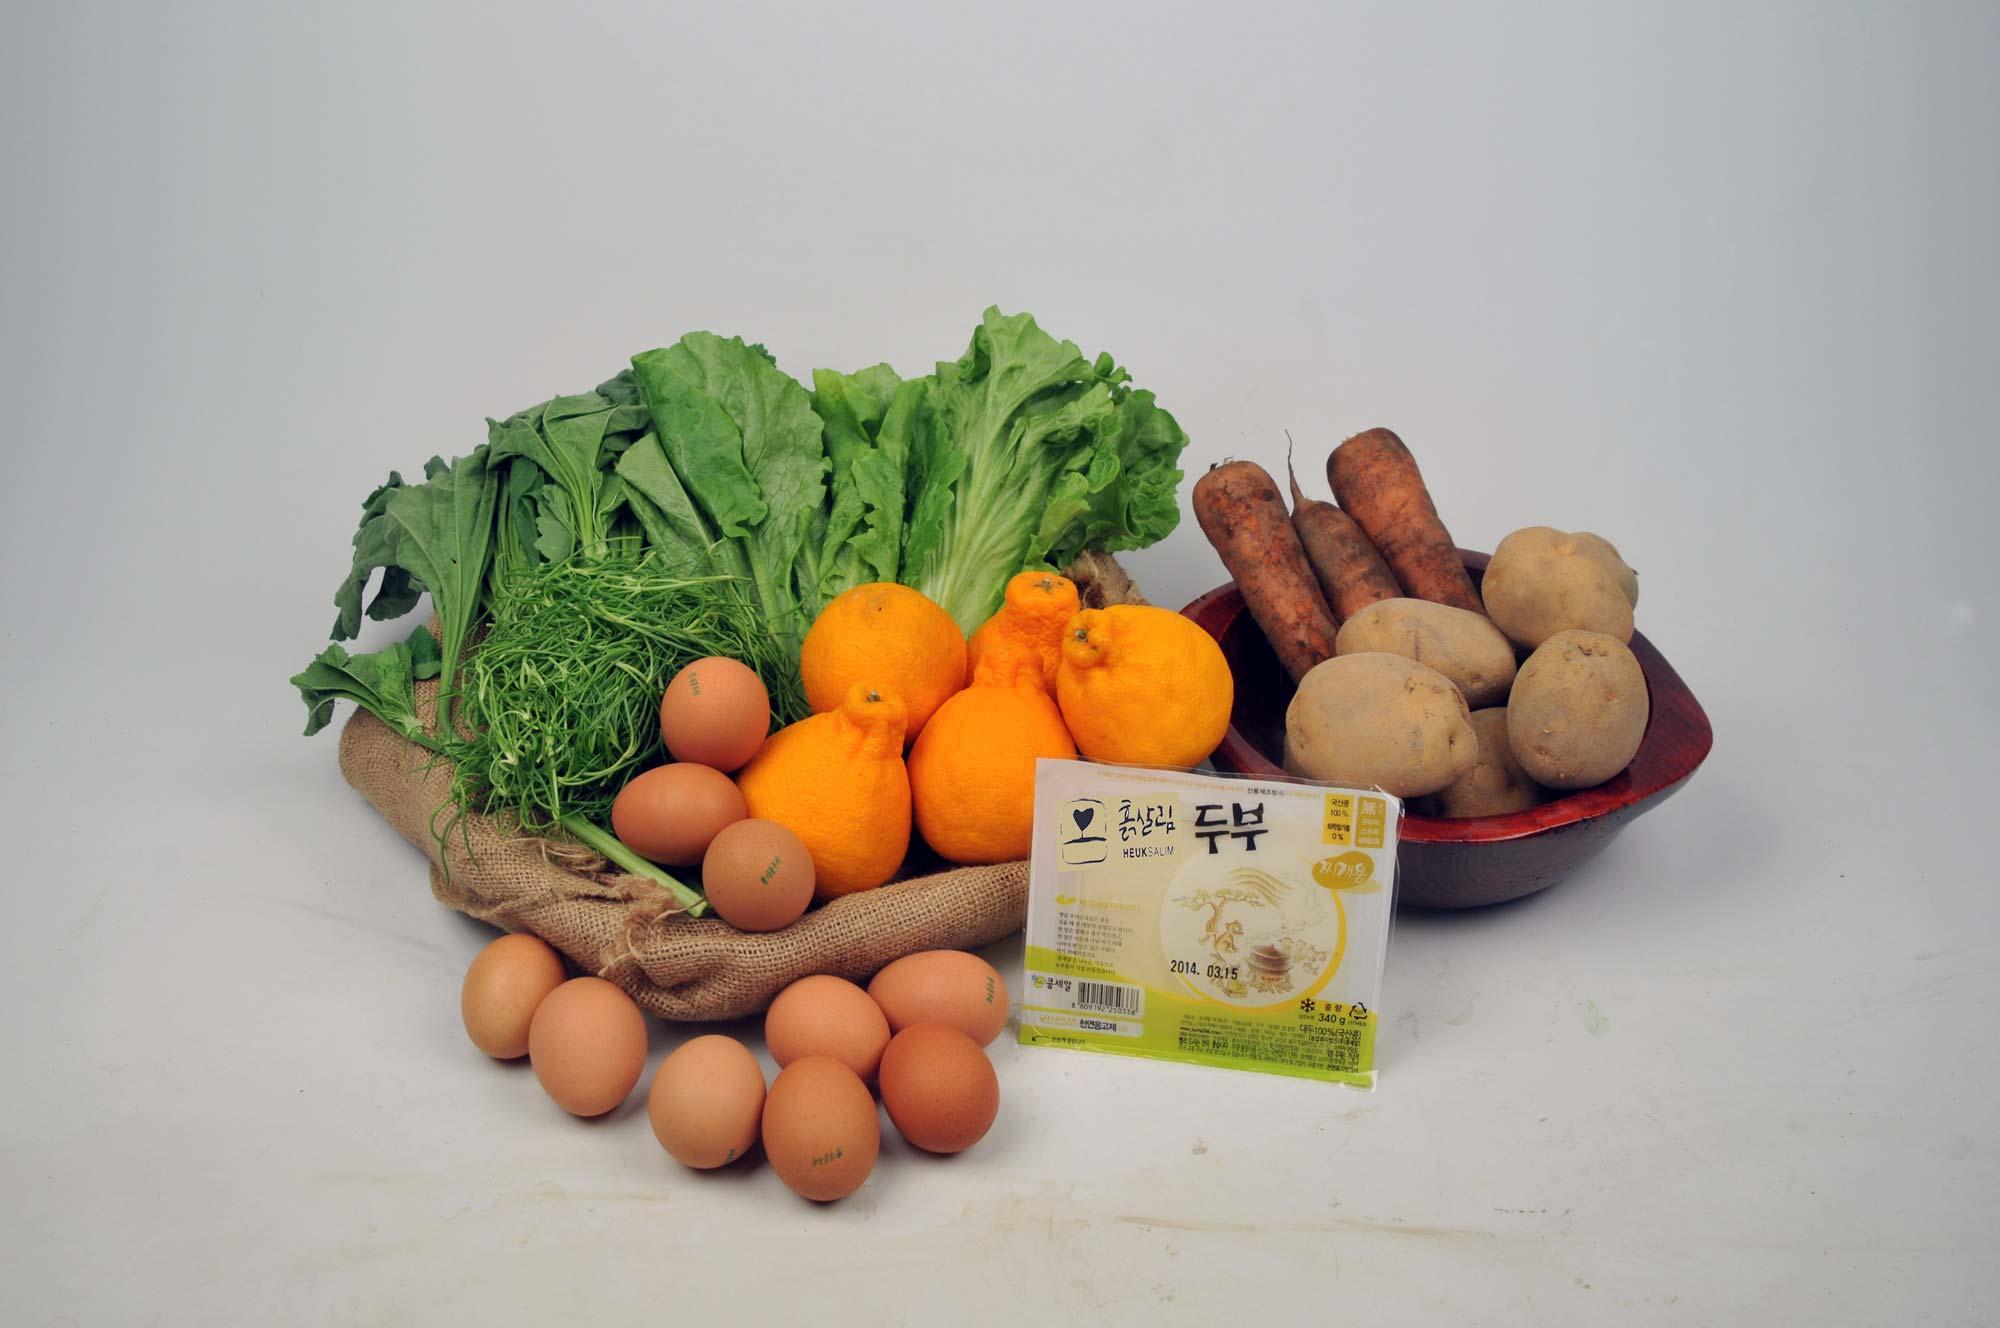 농산물을 구입하는 다양한 방법